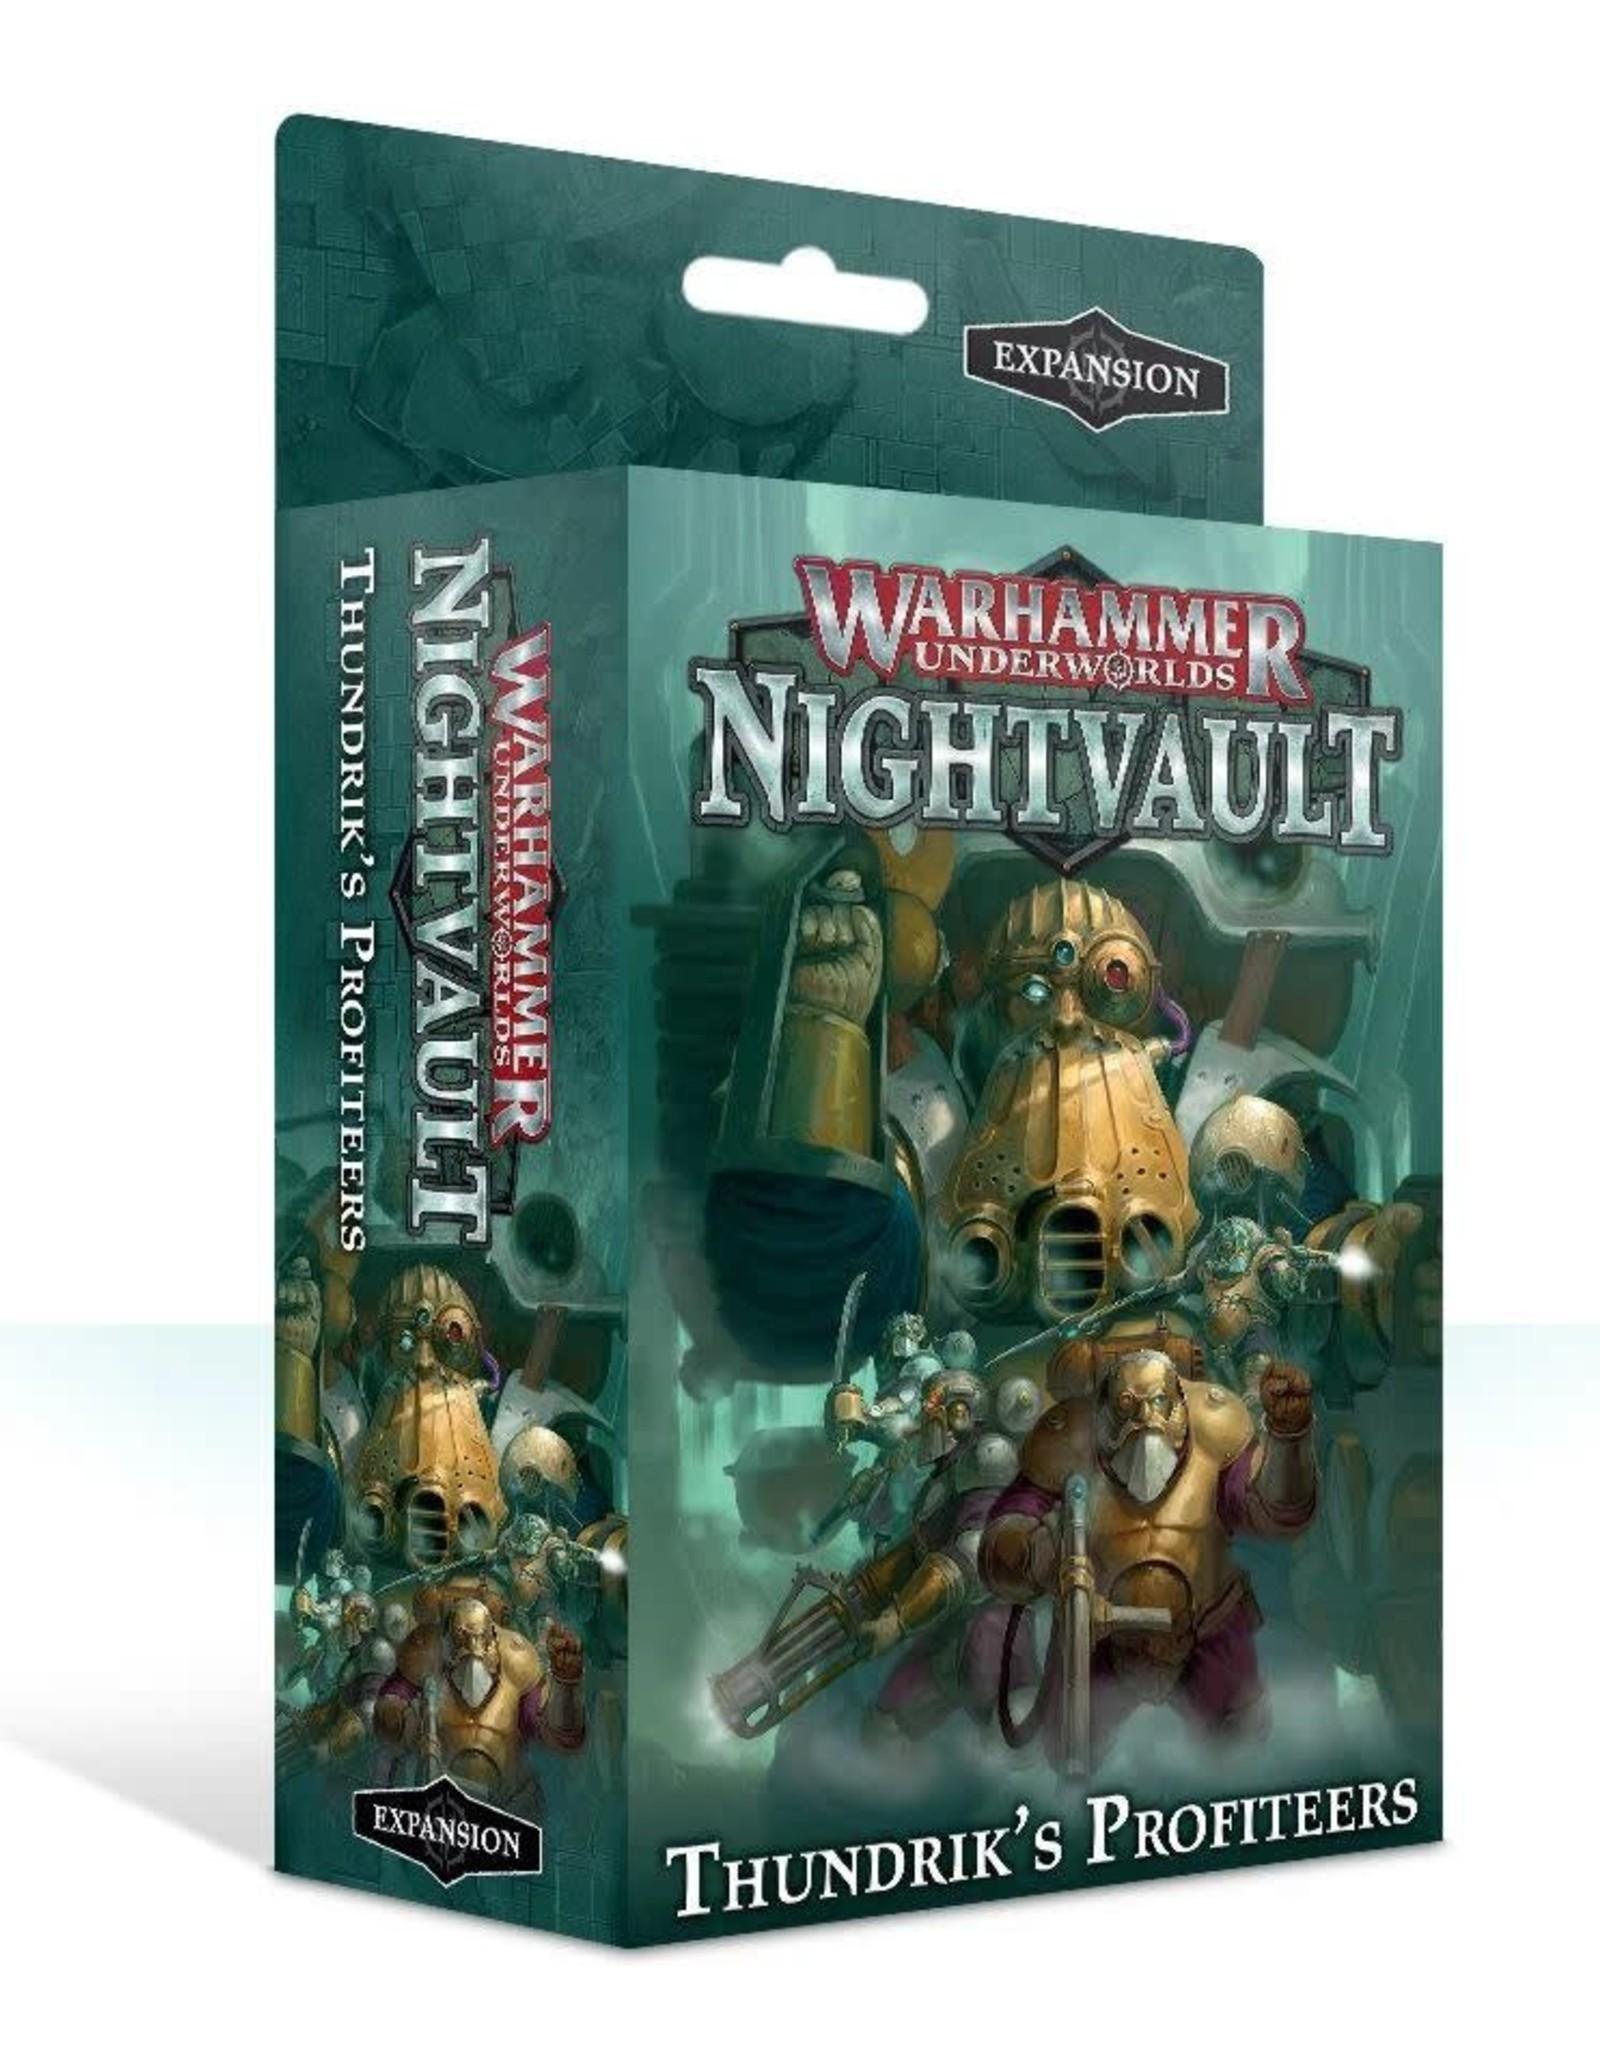 Warhammer Underworlds Underworlds - Nightvault - Thundrick's Profiteers